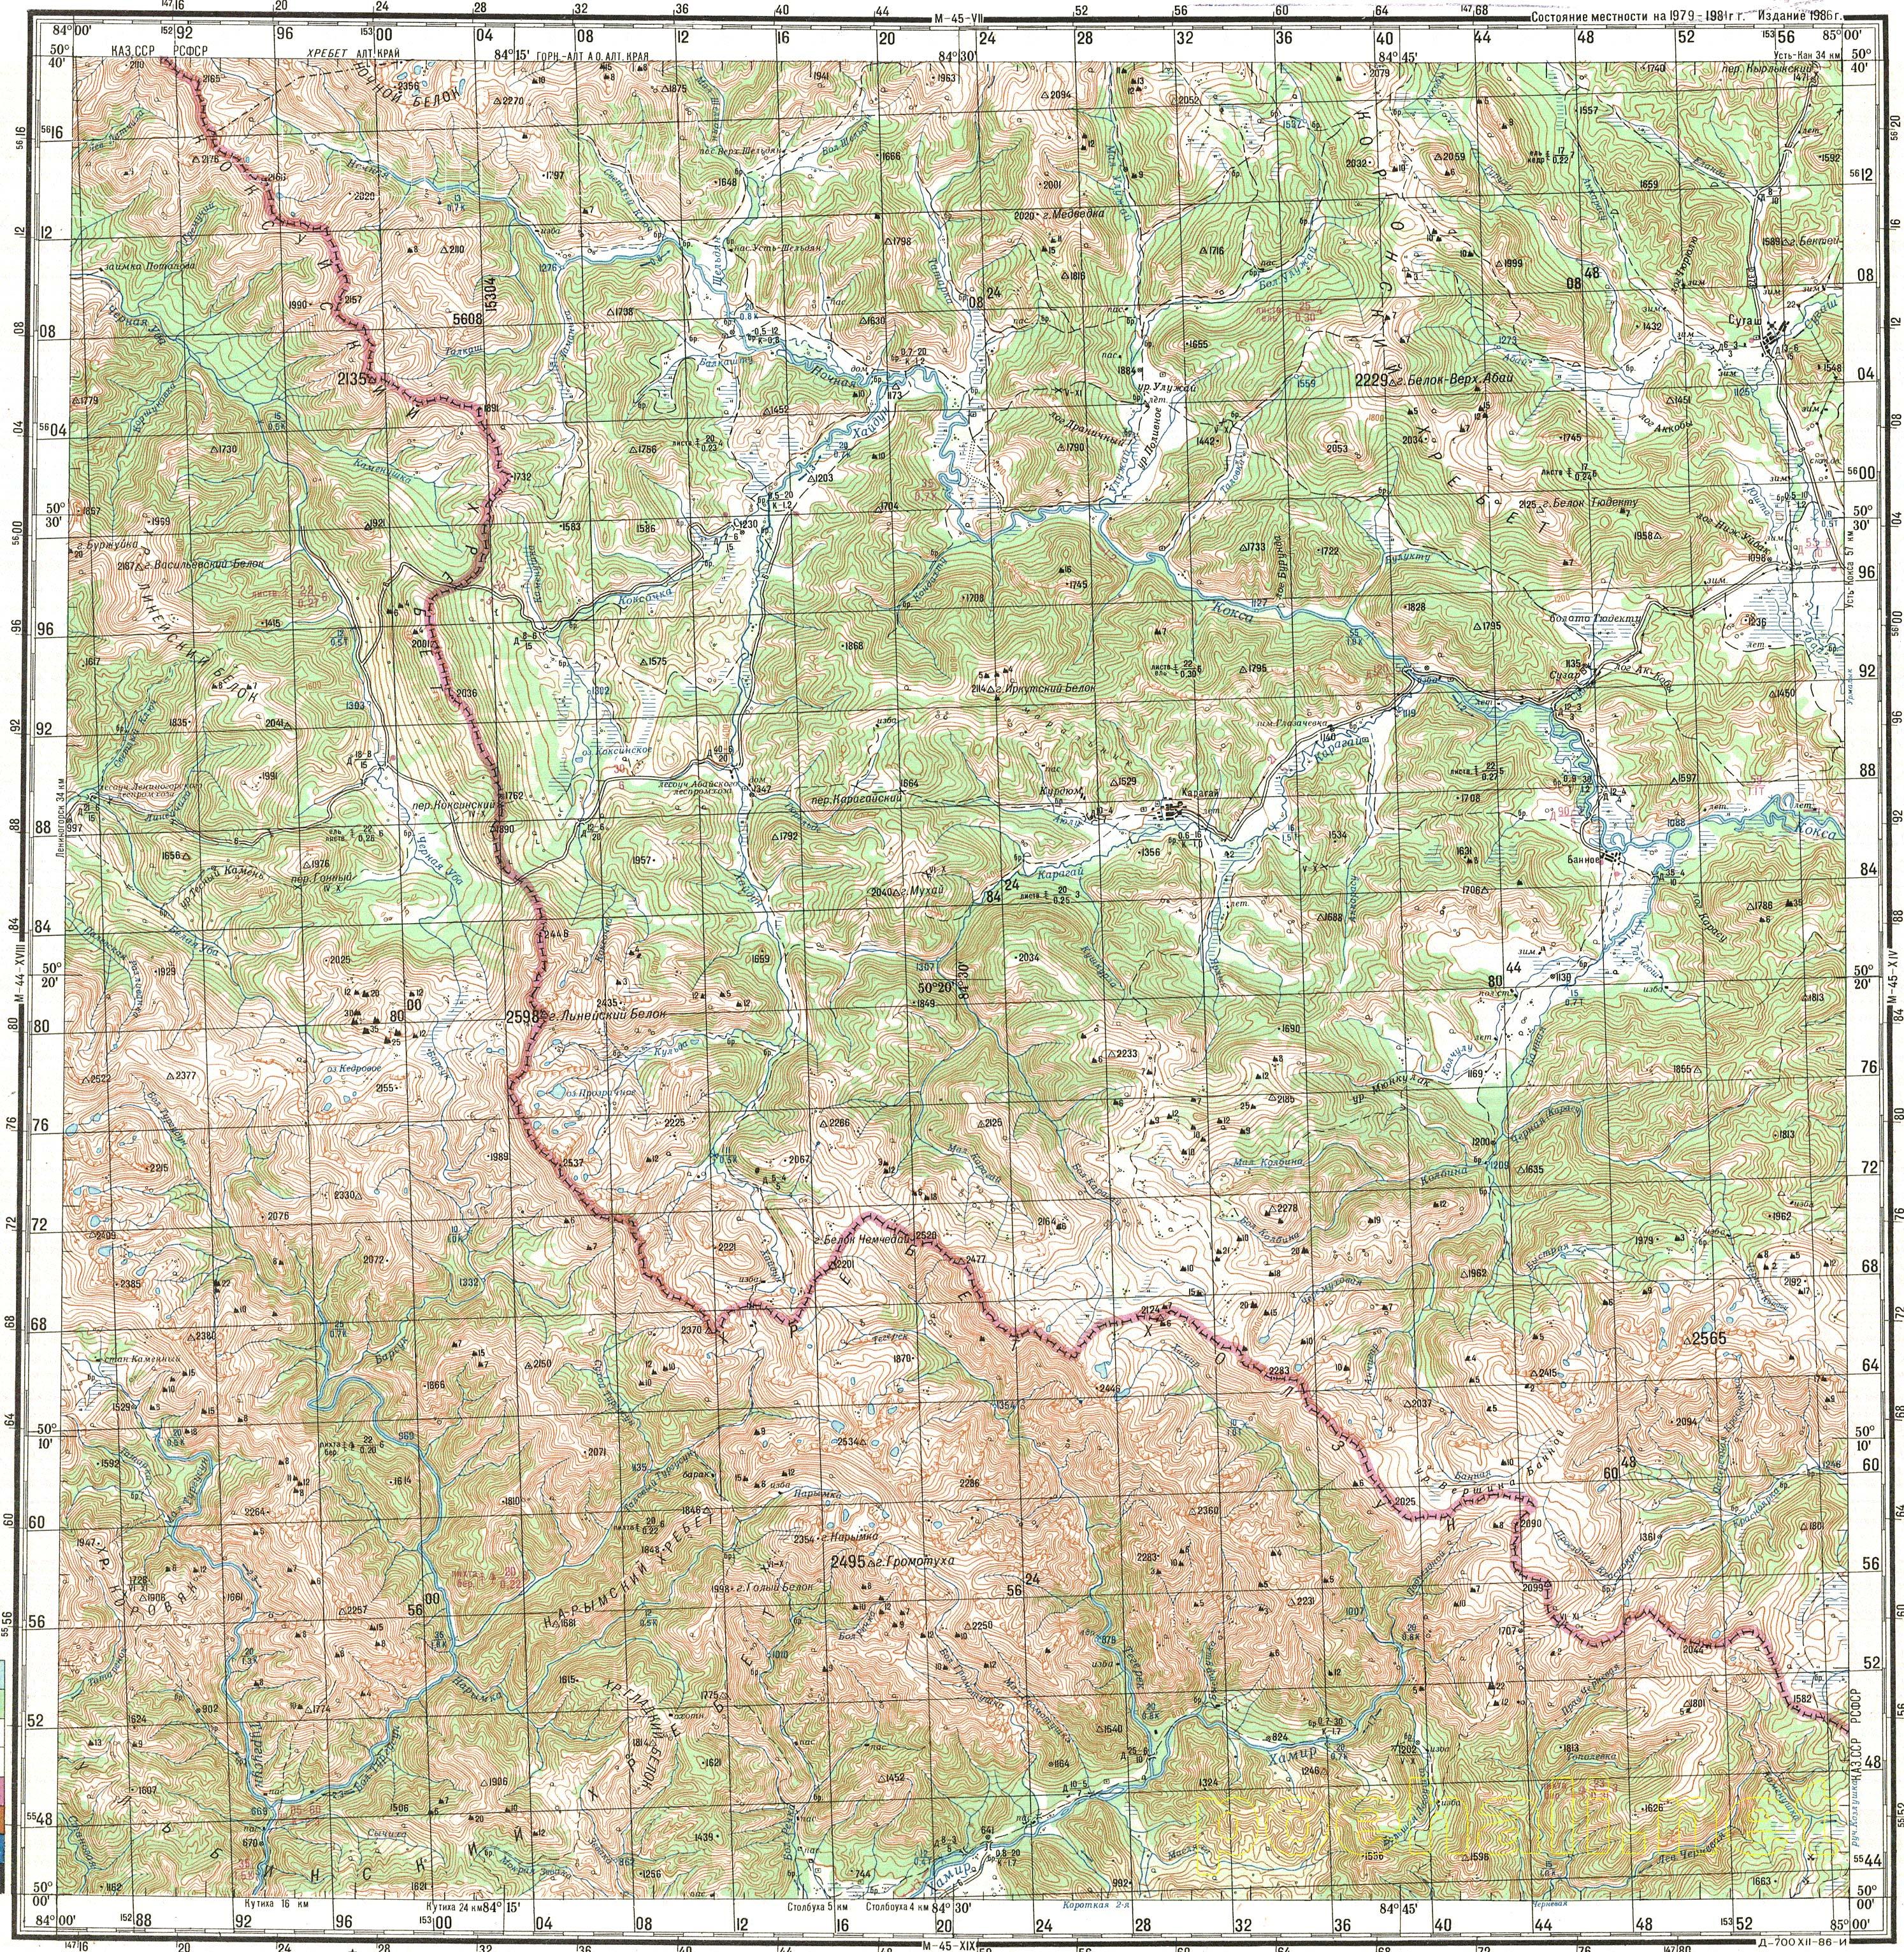 Скачать карту m-45-13 (3227 Kb)